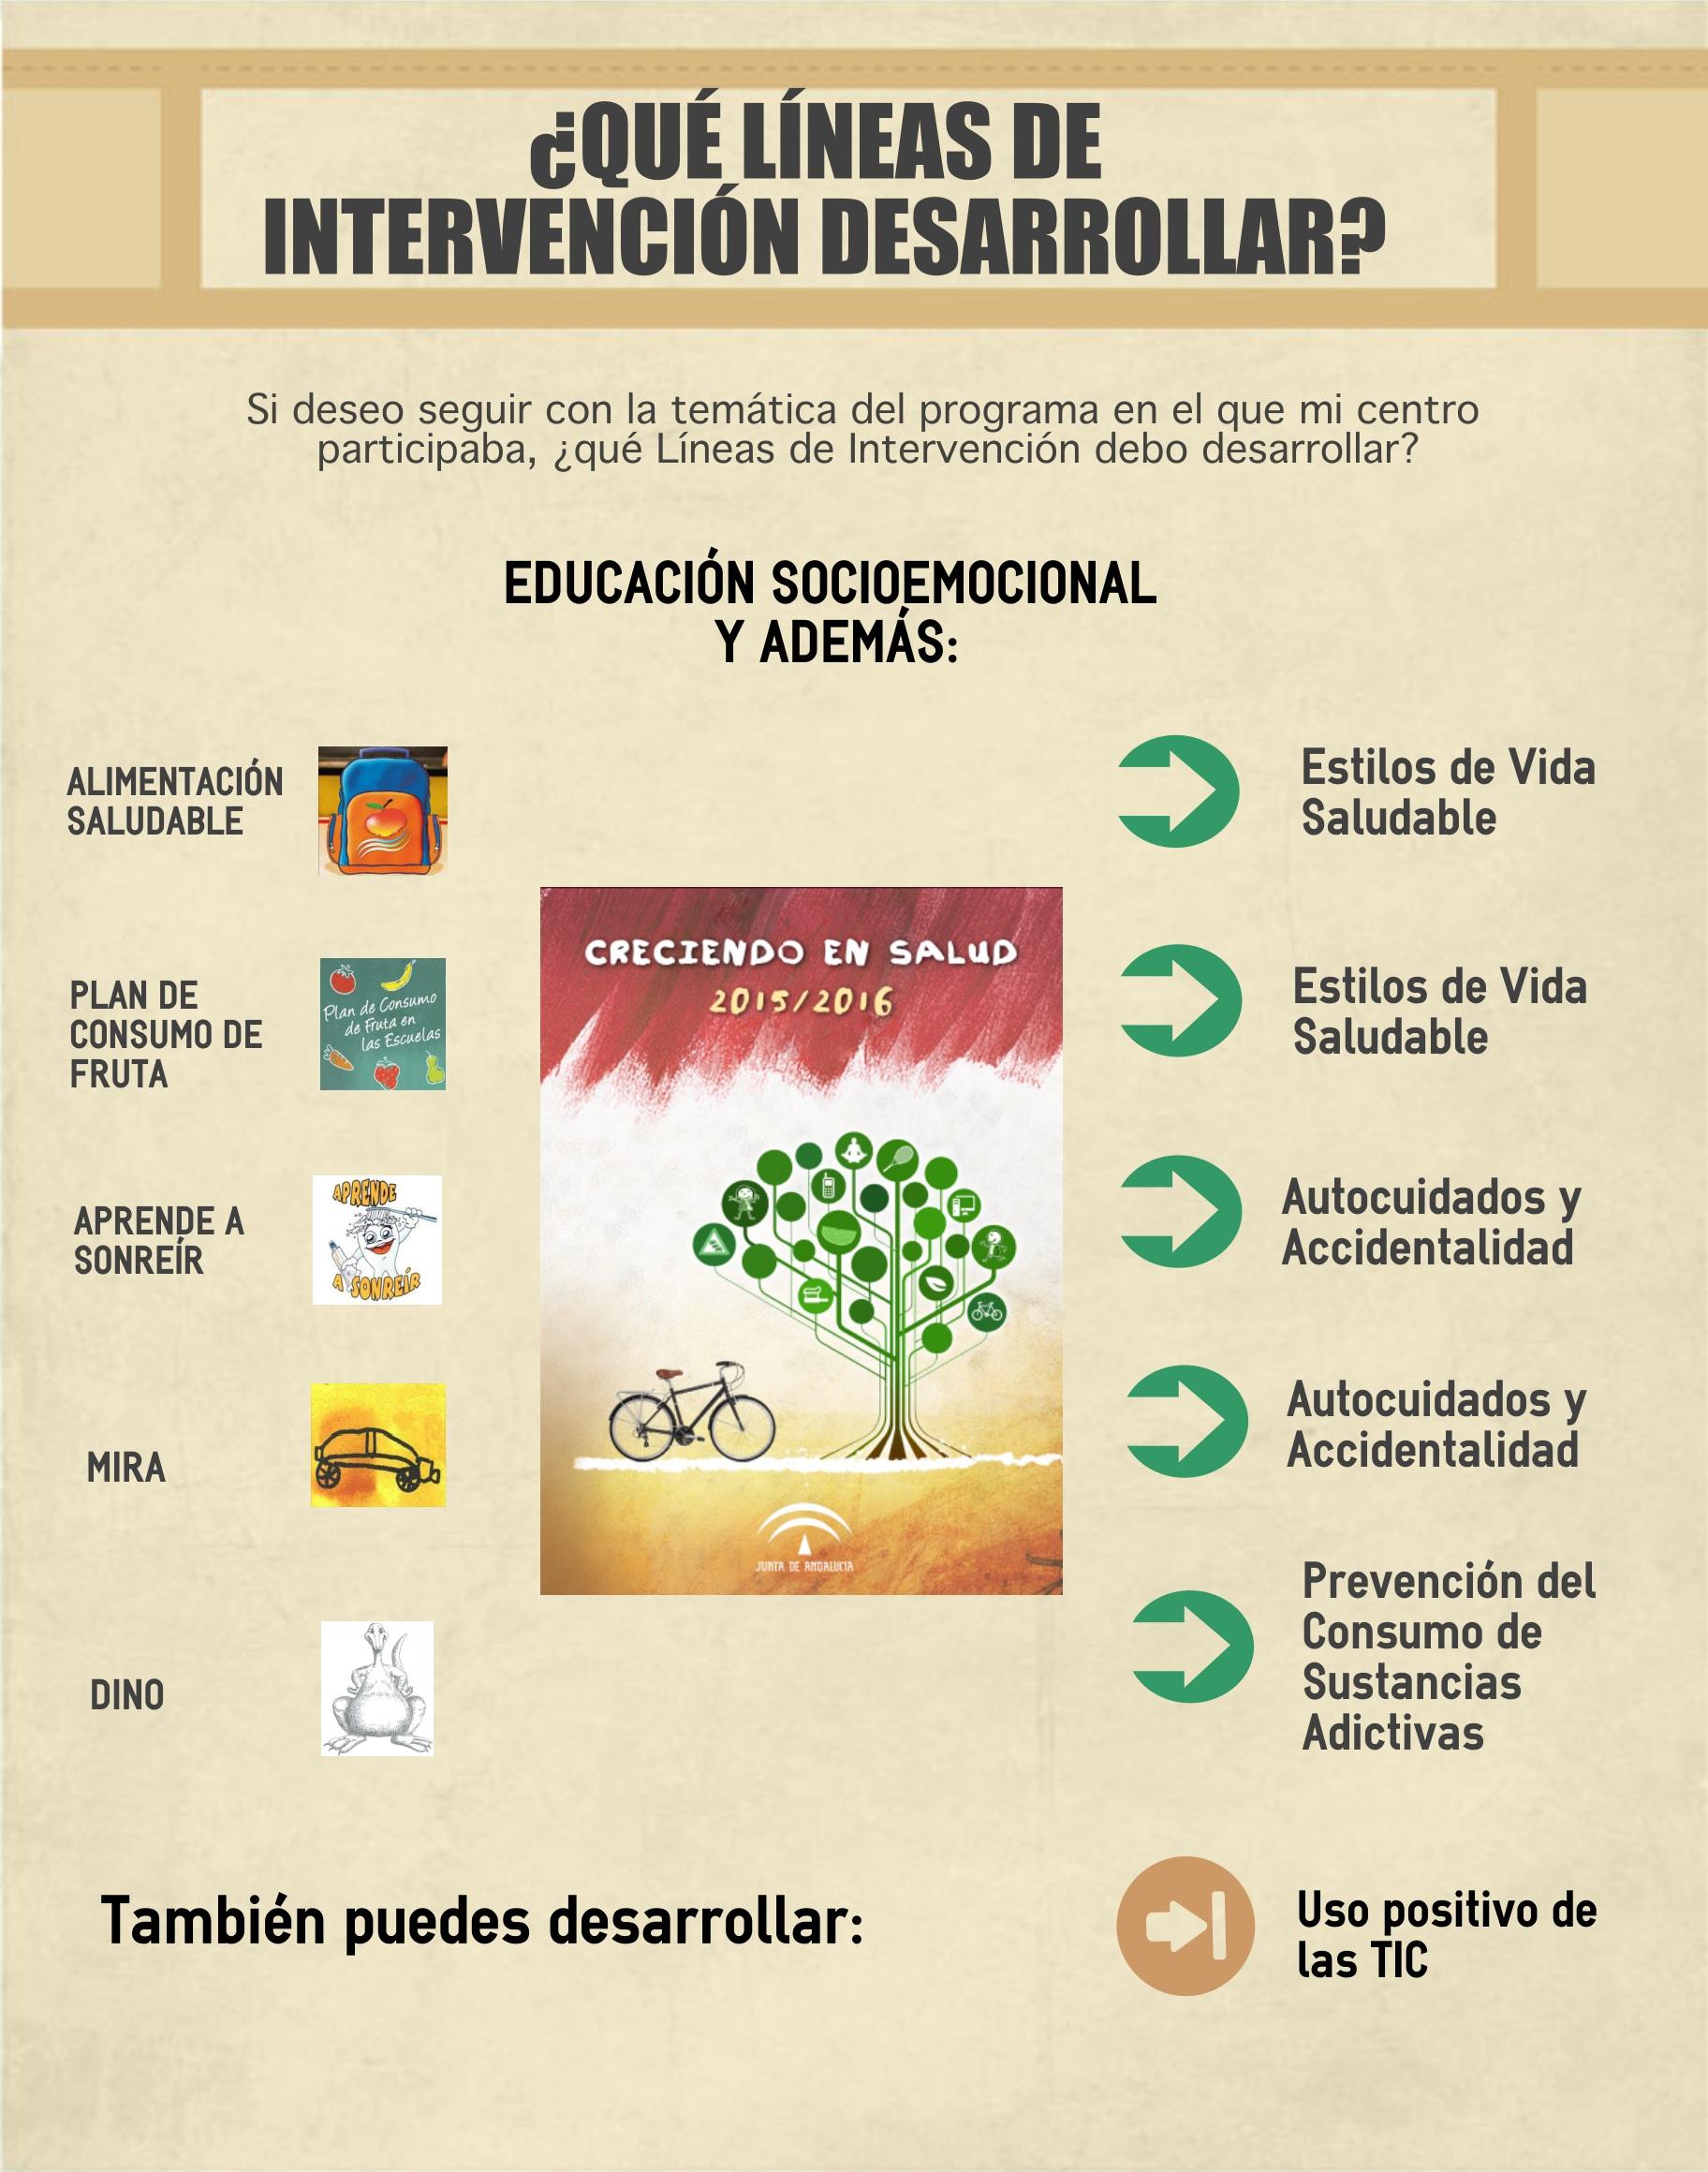 infografia CS (infocreciendo(3).jpg)